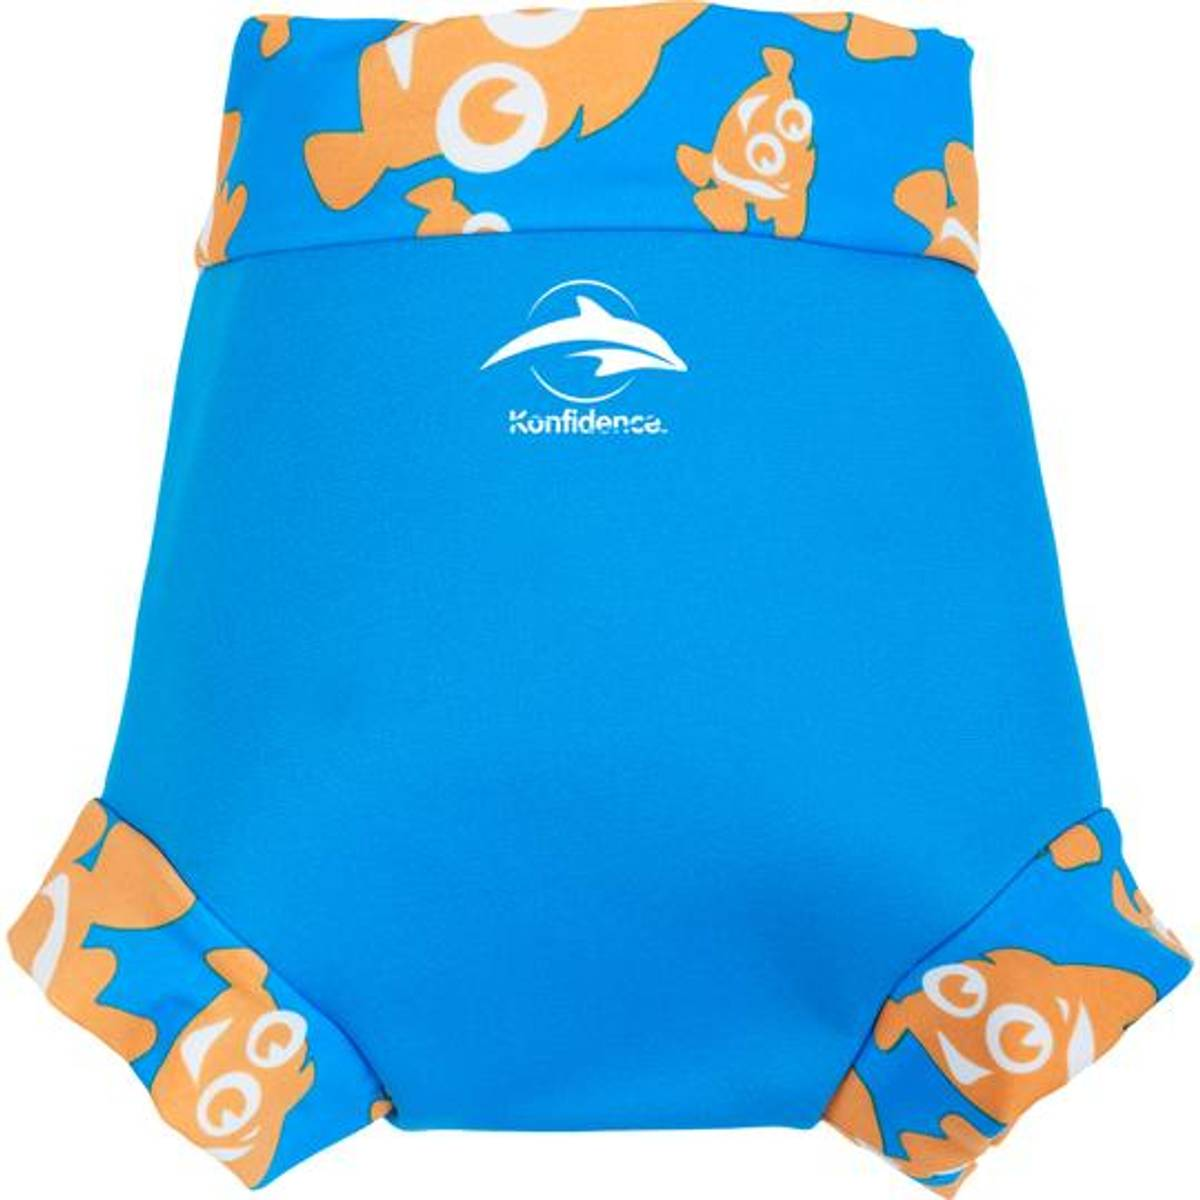 Konfidence Svømmebukse til Baby | Cyan/Clownfish | X-Large